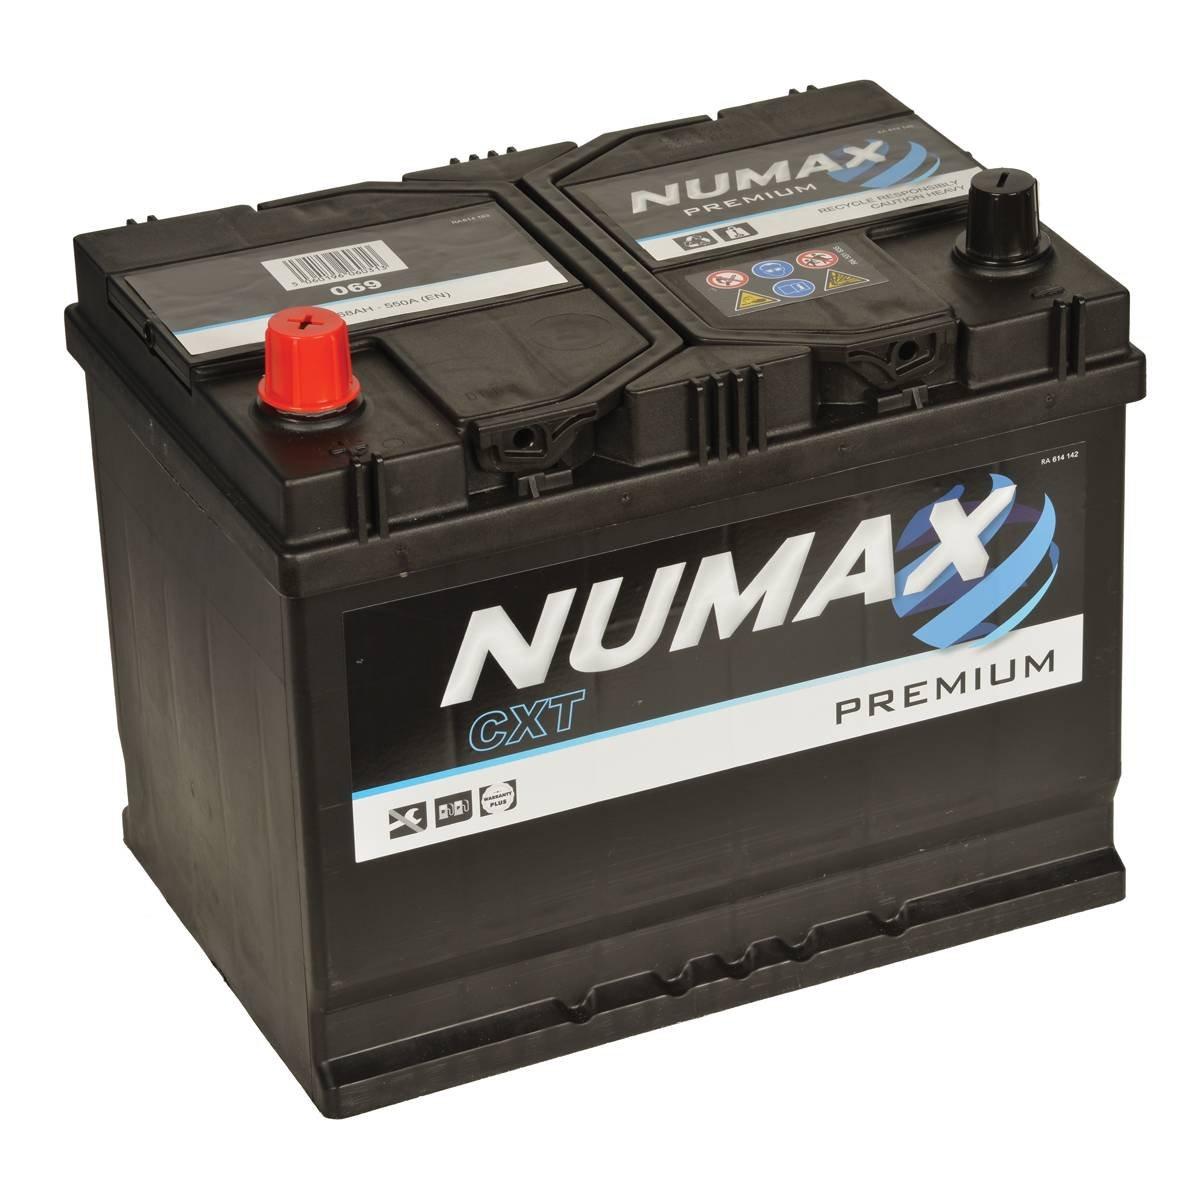 12V 70Ah 700 Amps En Numax Premium 069 Batterie Voitures